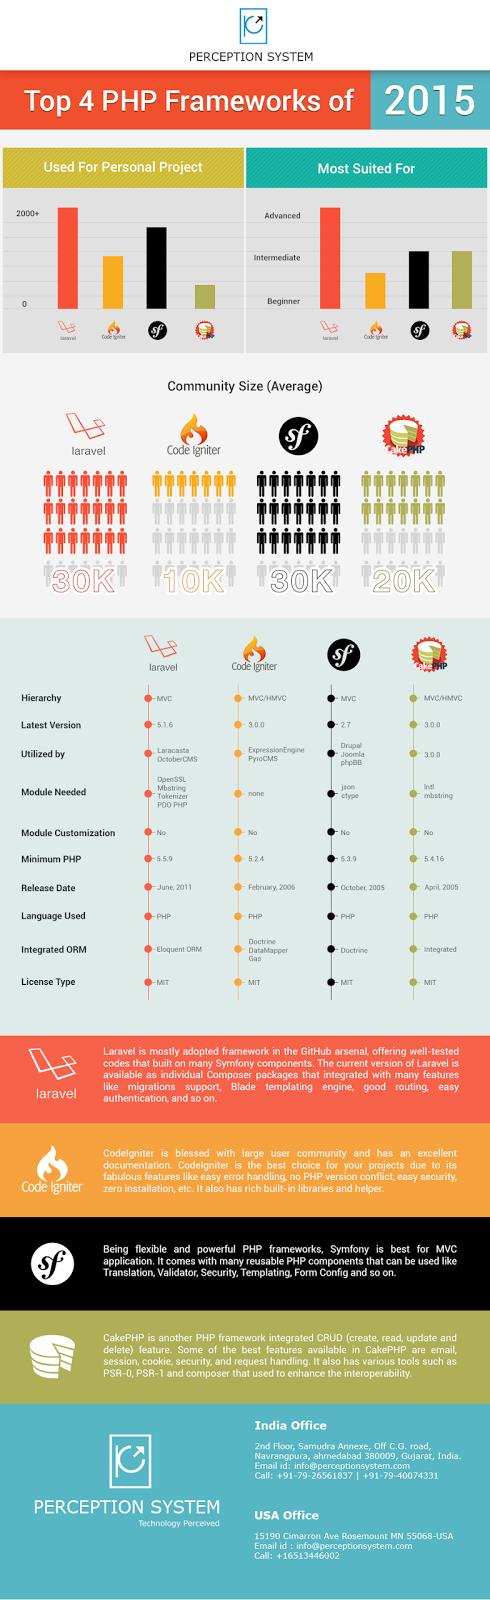 Top 4 PHP Frameworks